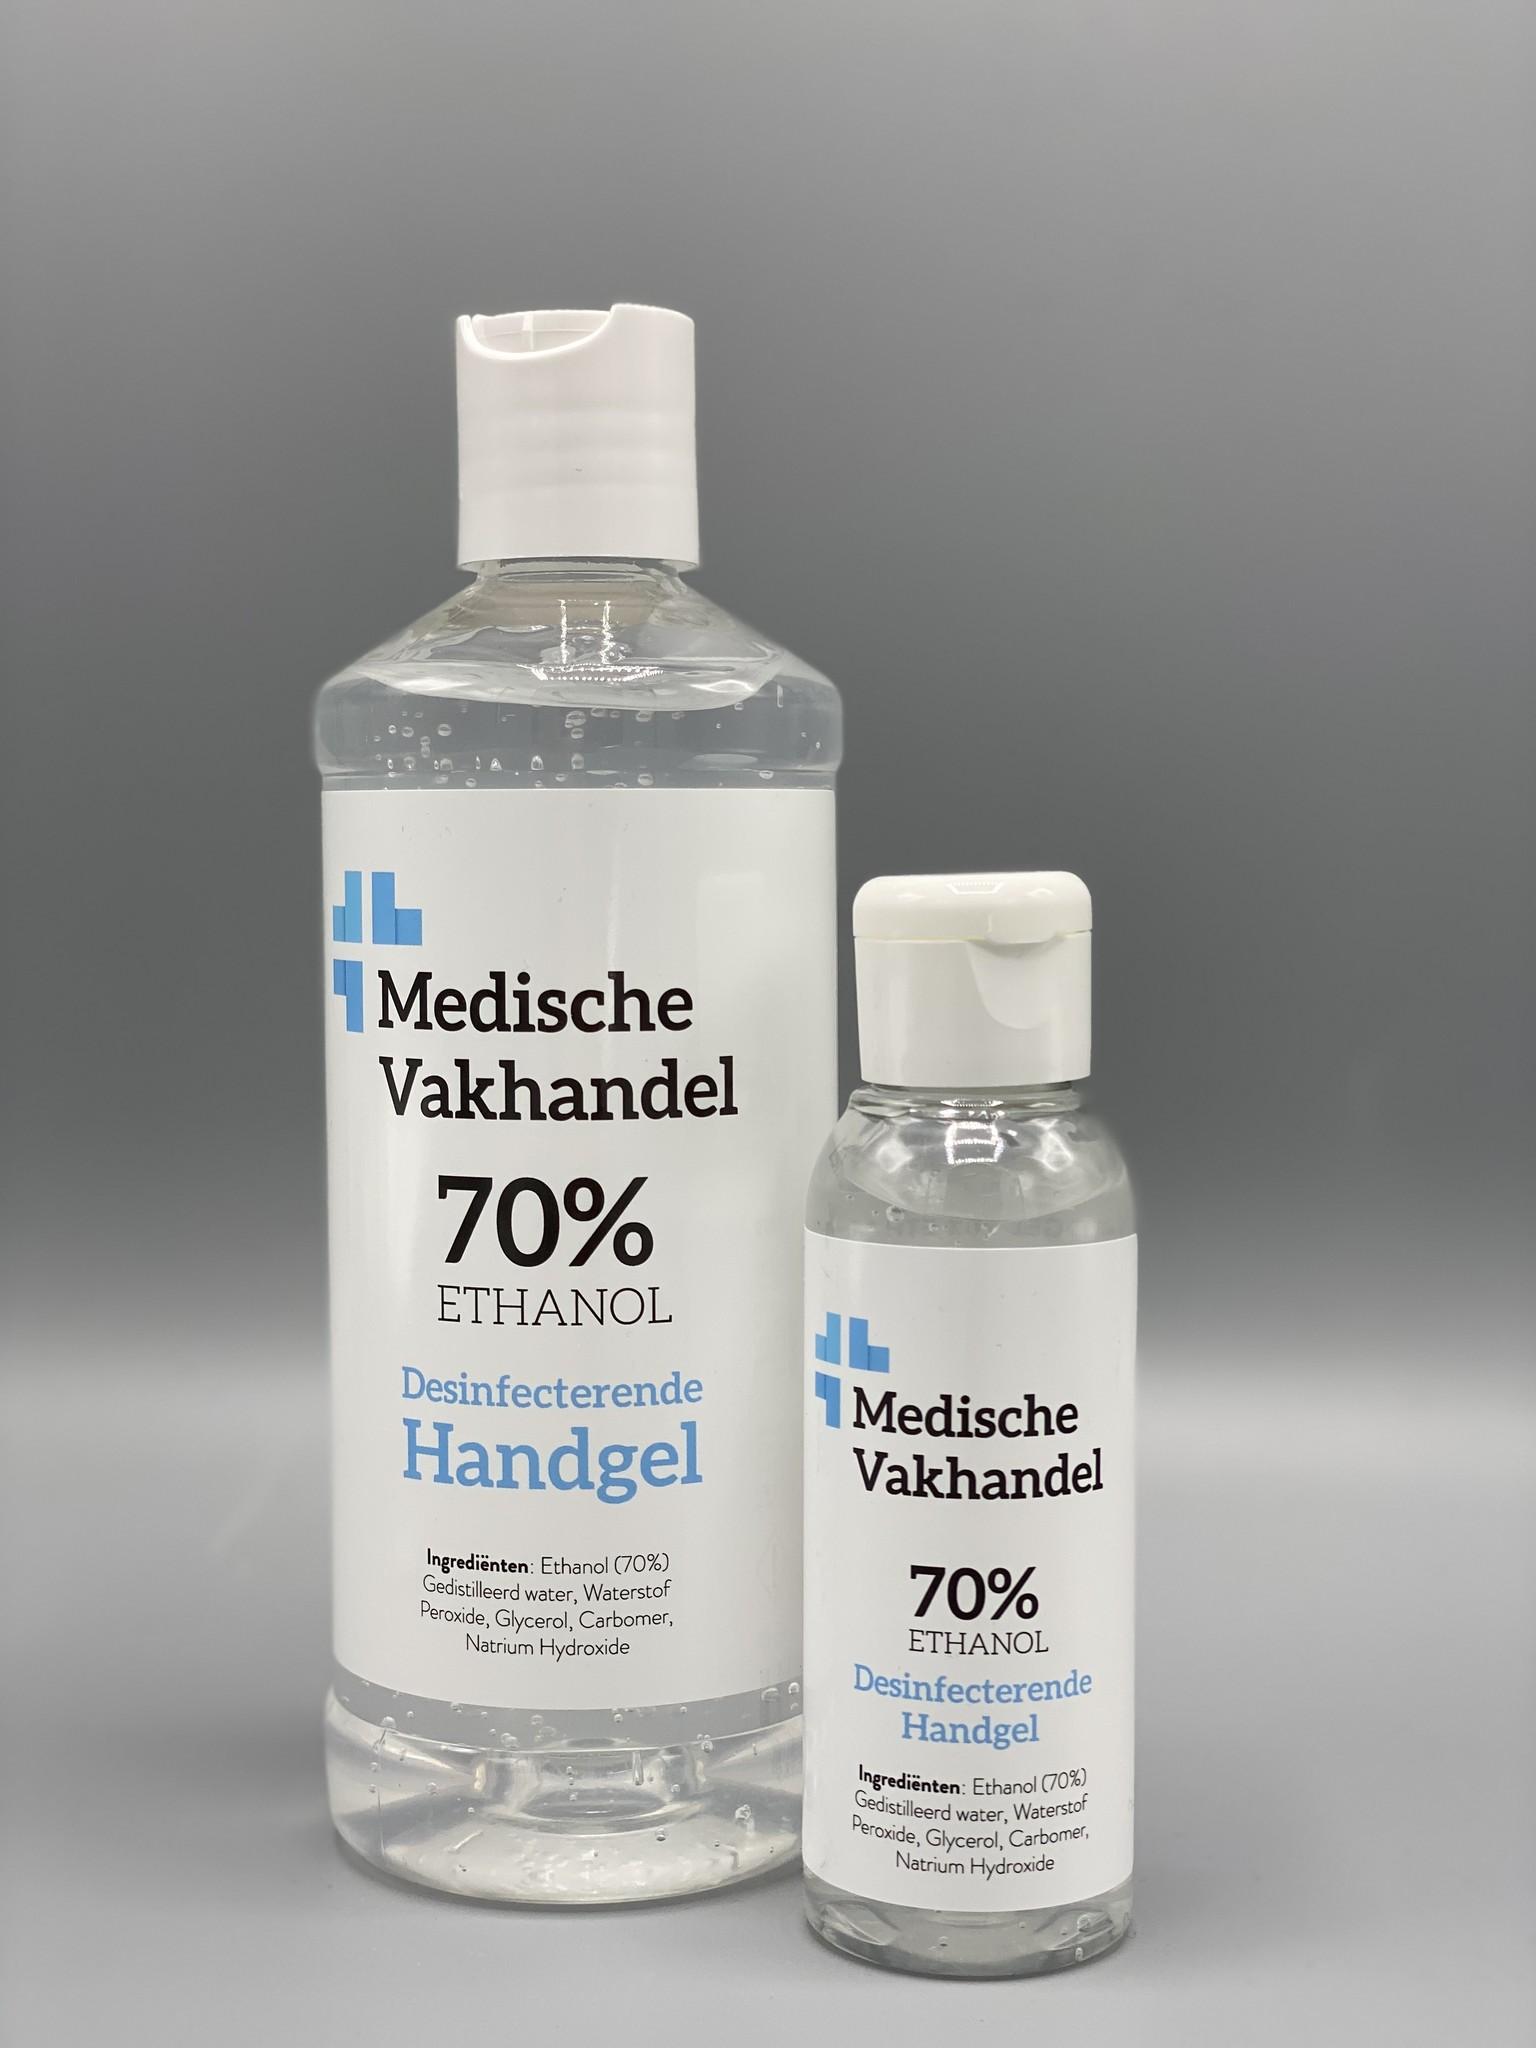 Medische Vakhandel hand gel 70% WHO recept